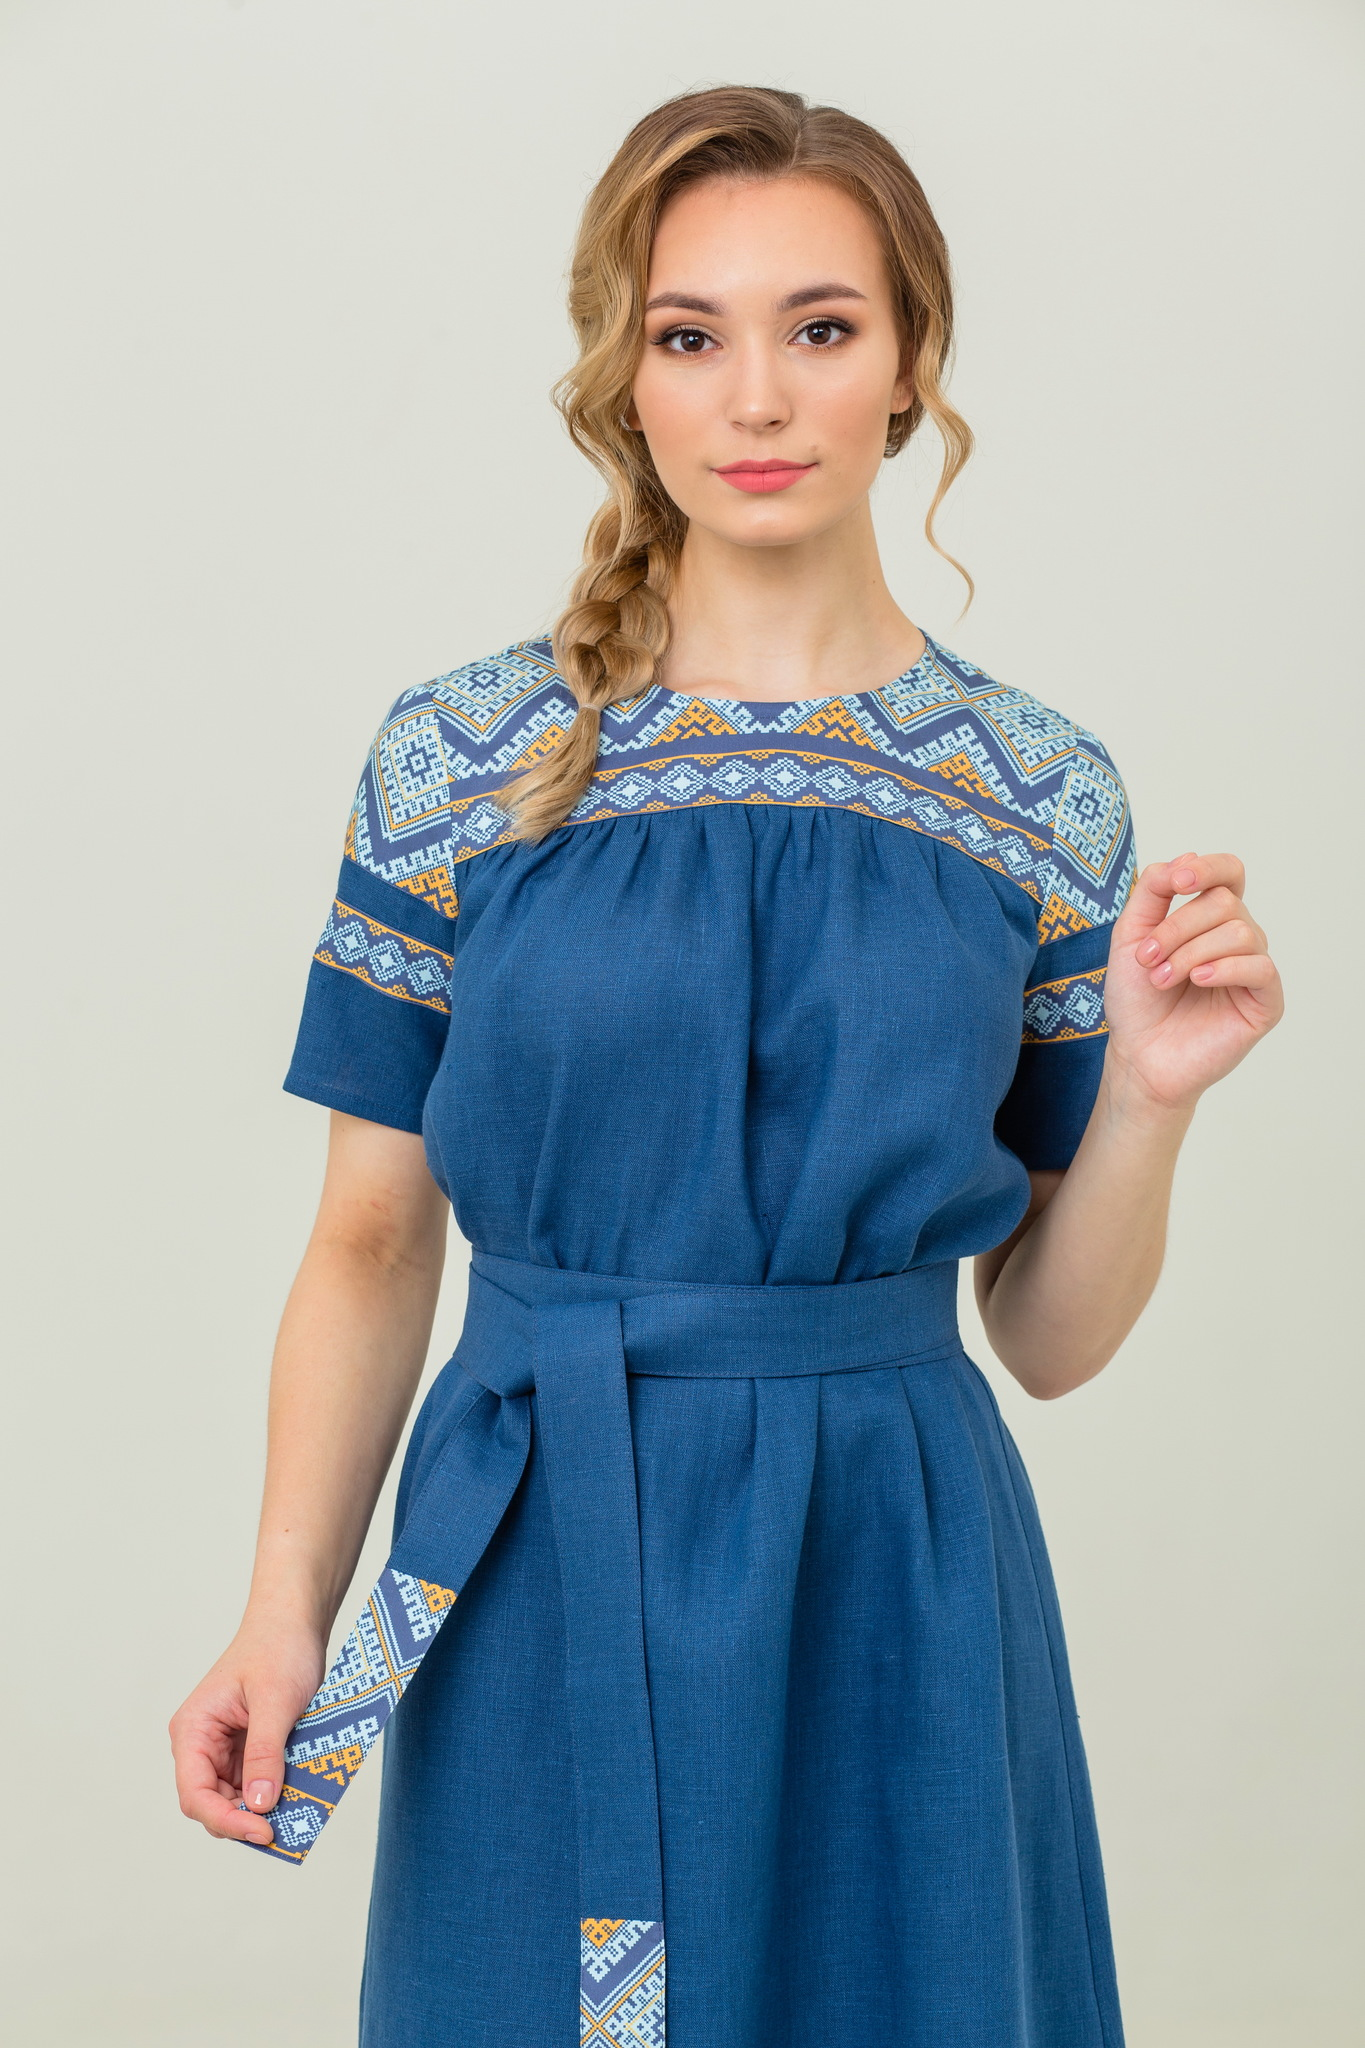 Платье из льна с русским орнаментом Каспийское